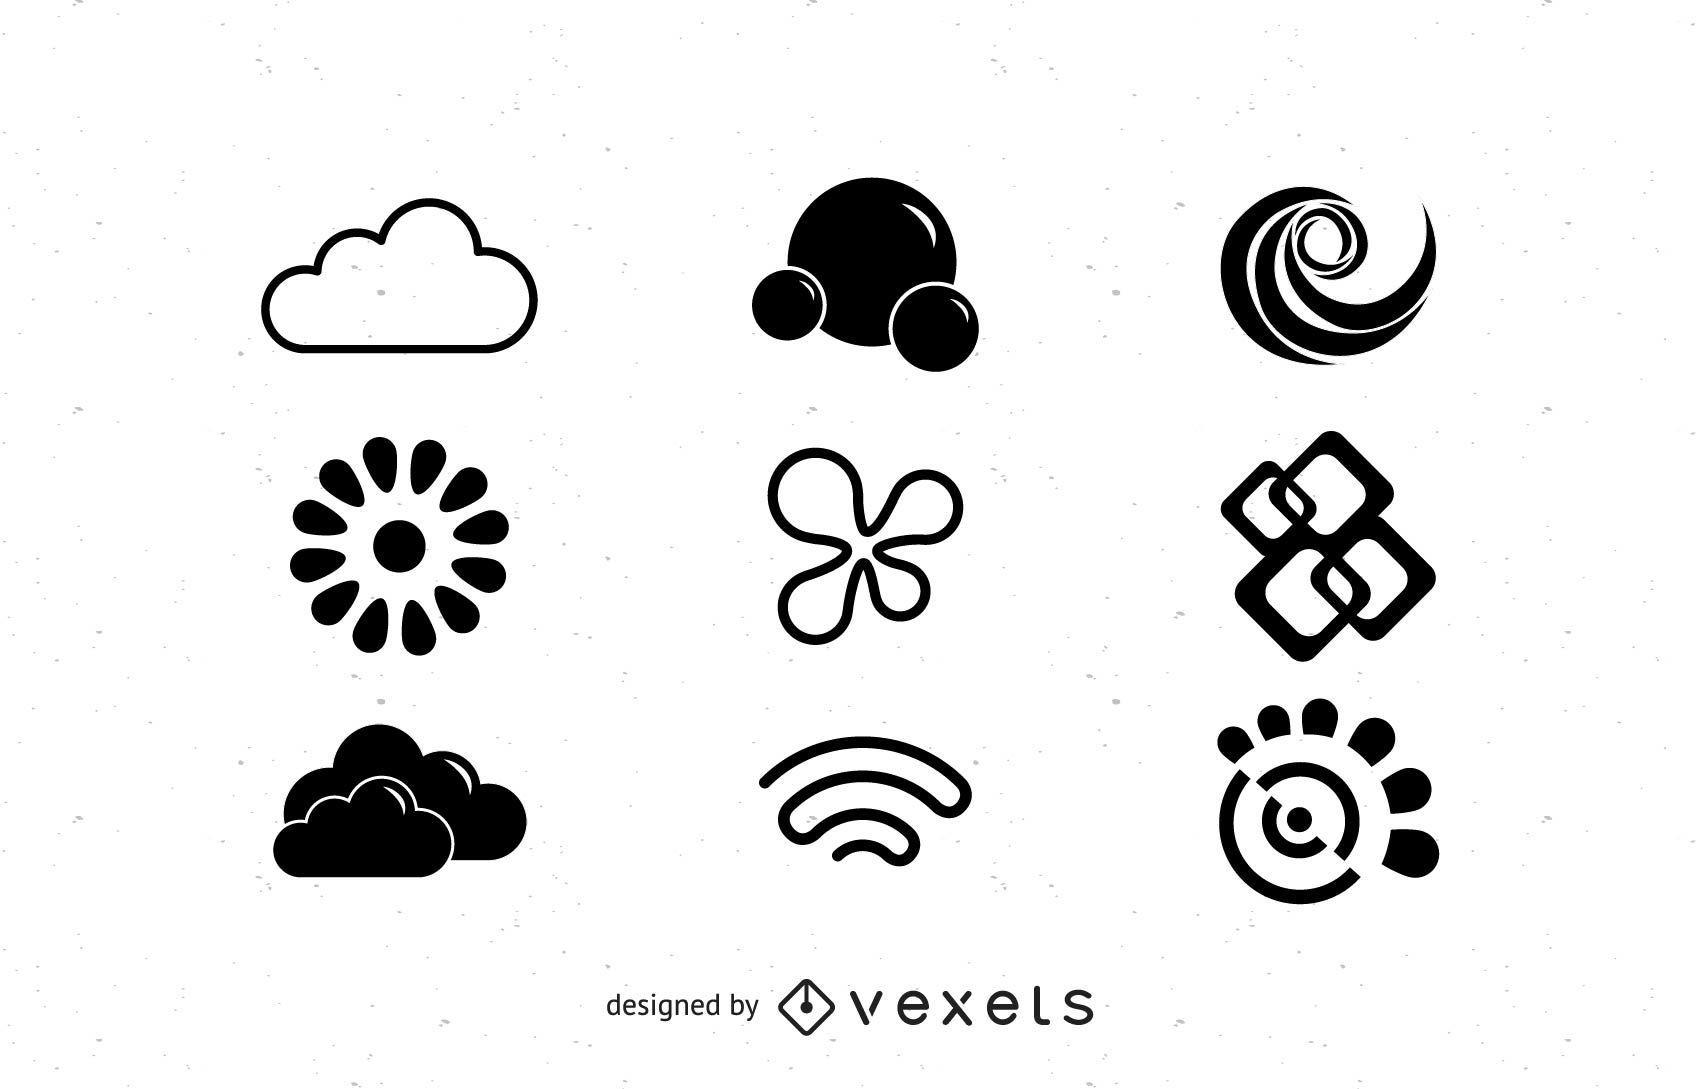 Logo objects set